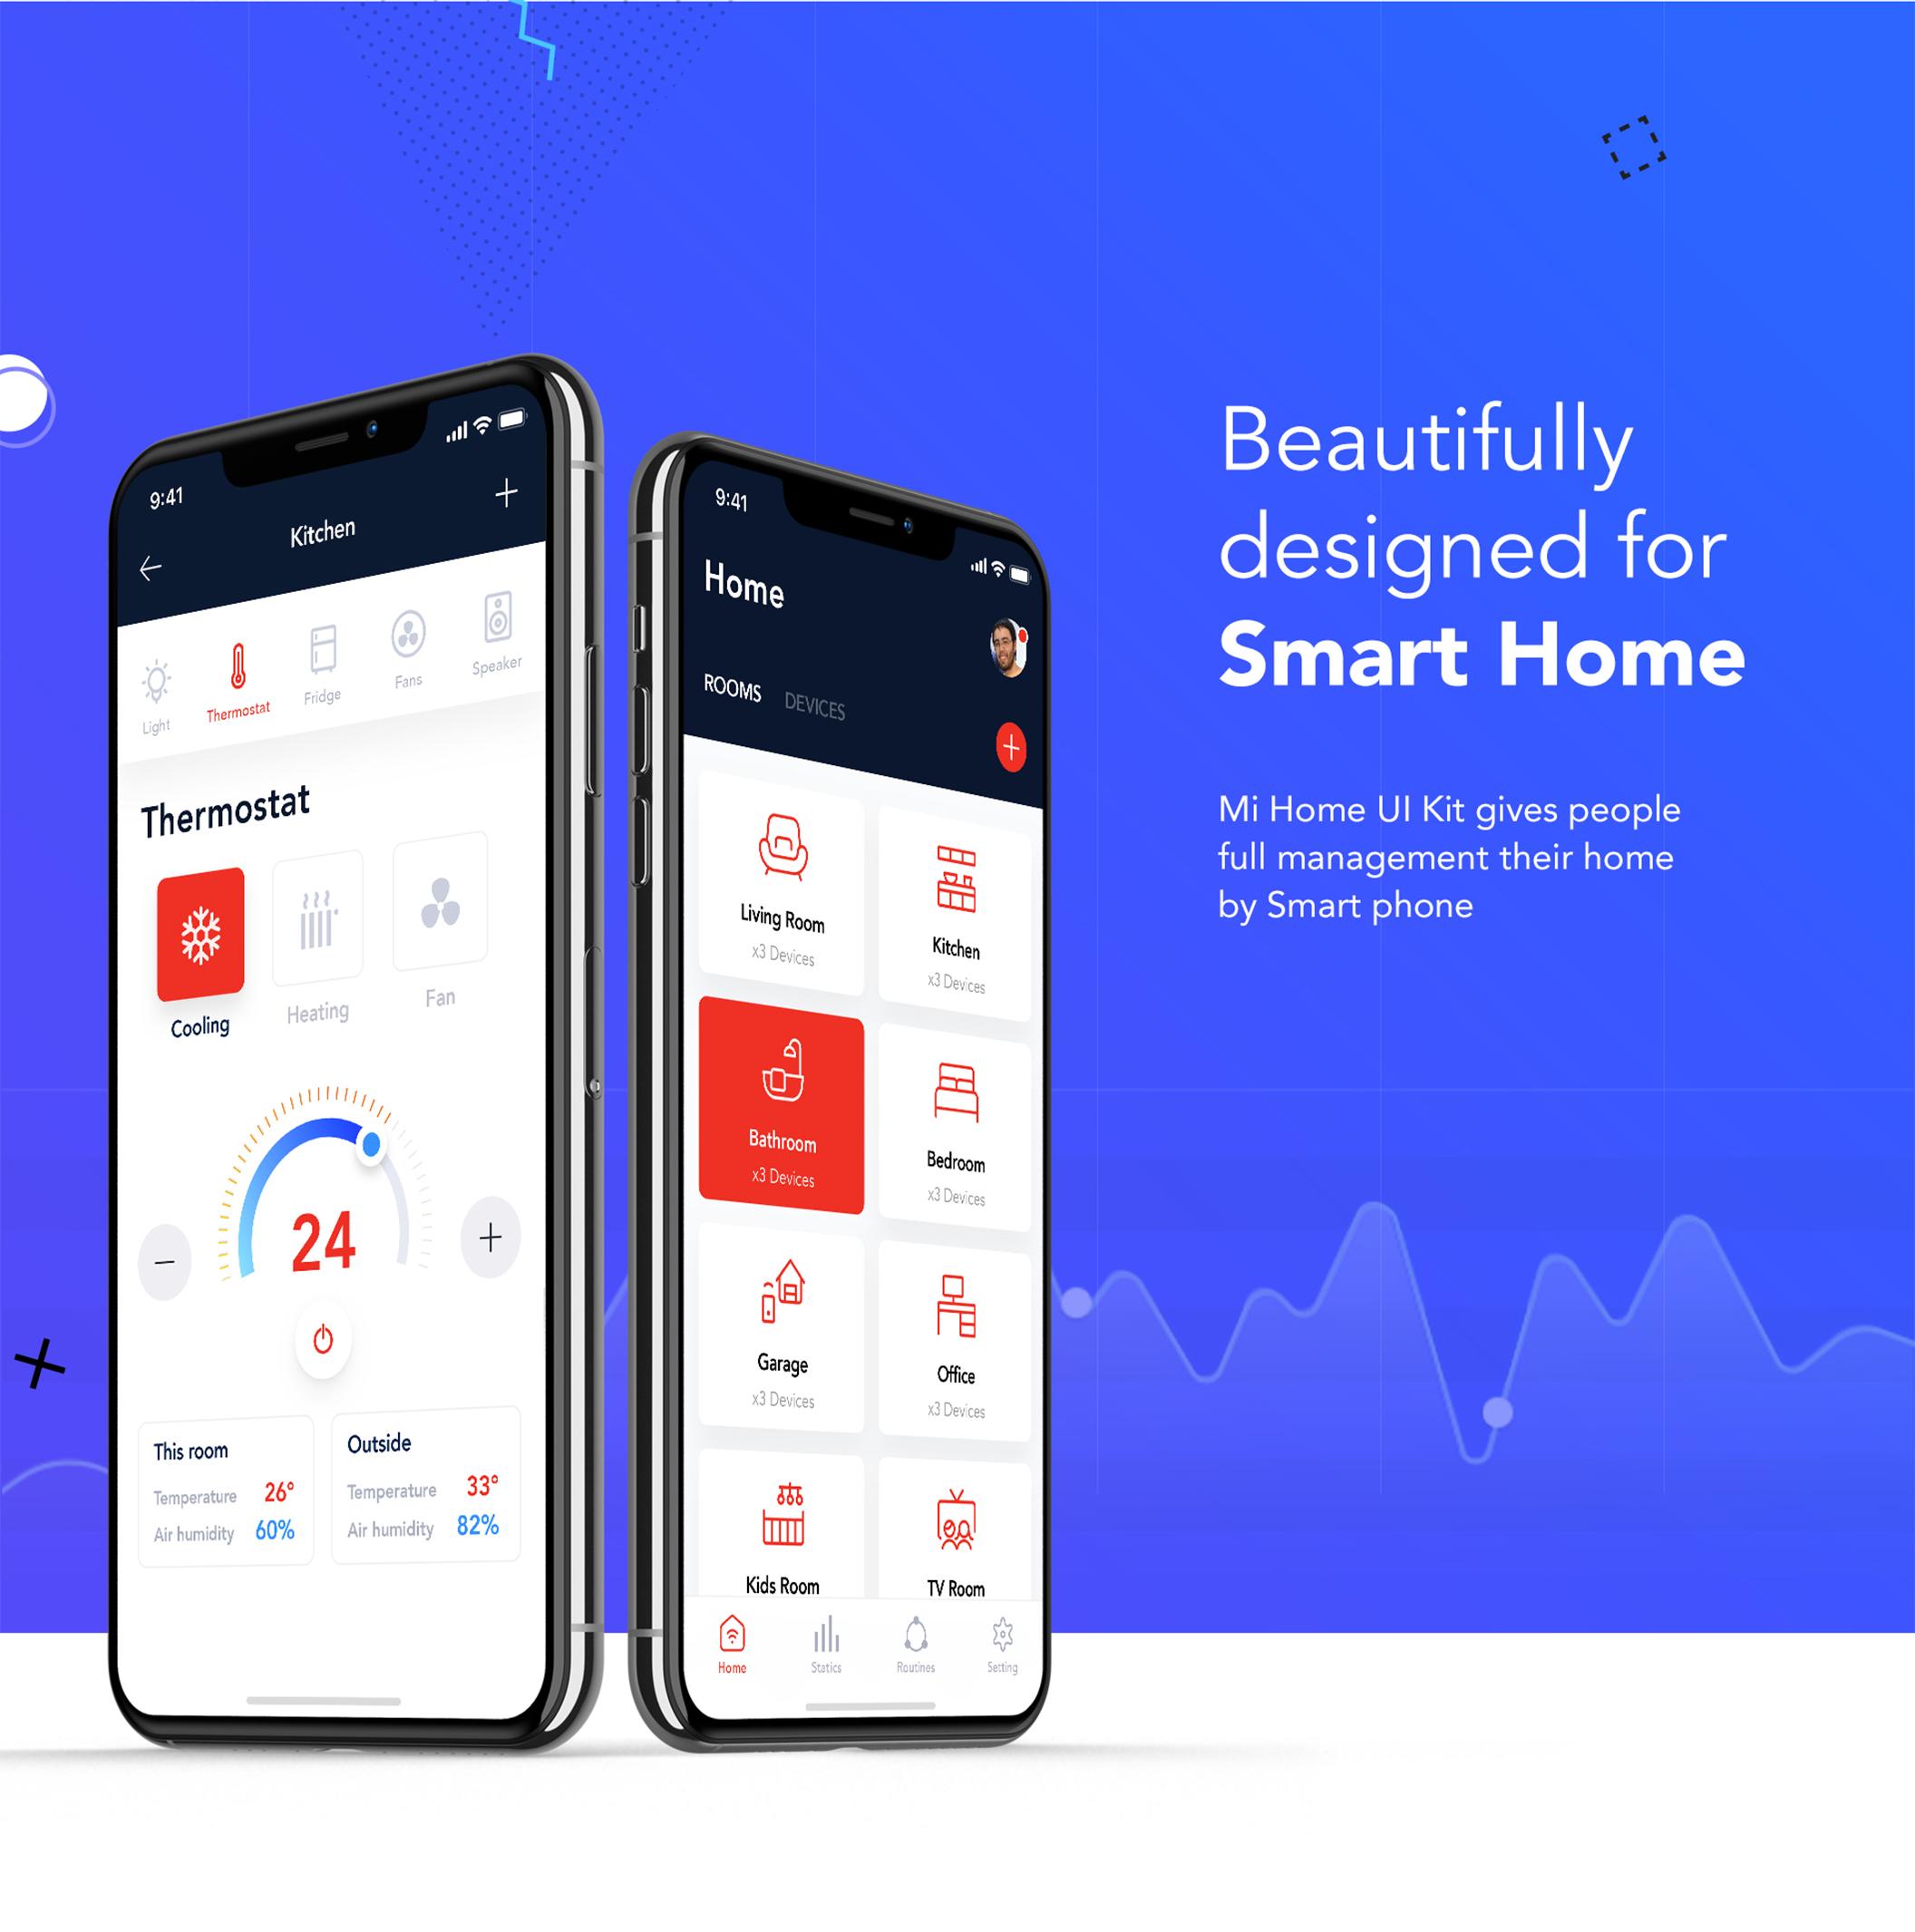 小米智能家居APP UI界面设计套件 Mi Home – Smart Home UI Kit插图(5)